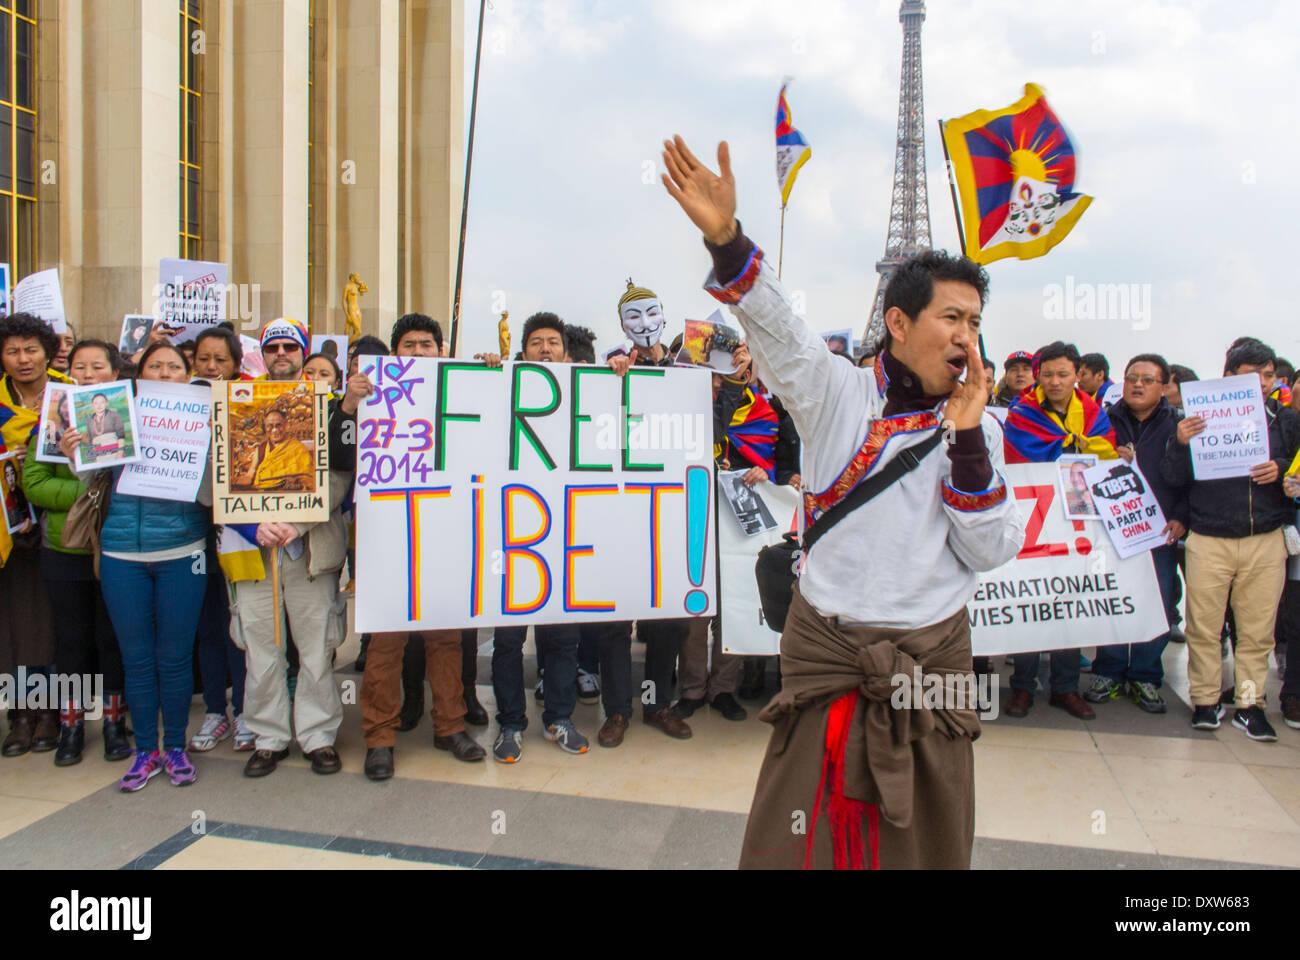 Folla di tibetani, taiwanesi, comunità etniche francesi, migranti e amici ha invitato i cittadini francesi a mobilitarsi durante la visita del presidente cinese a Parigi, con segni di protesta, uomini rifugiati Foto Stock